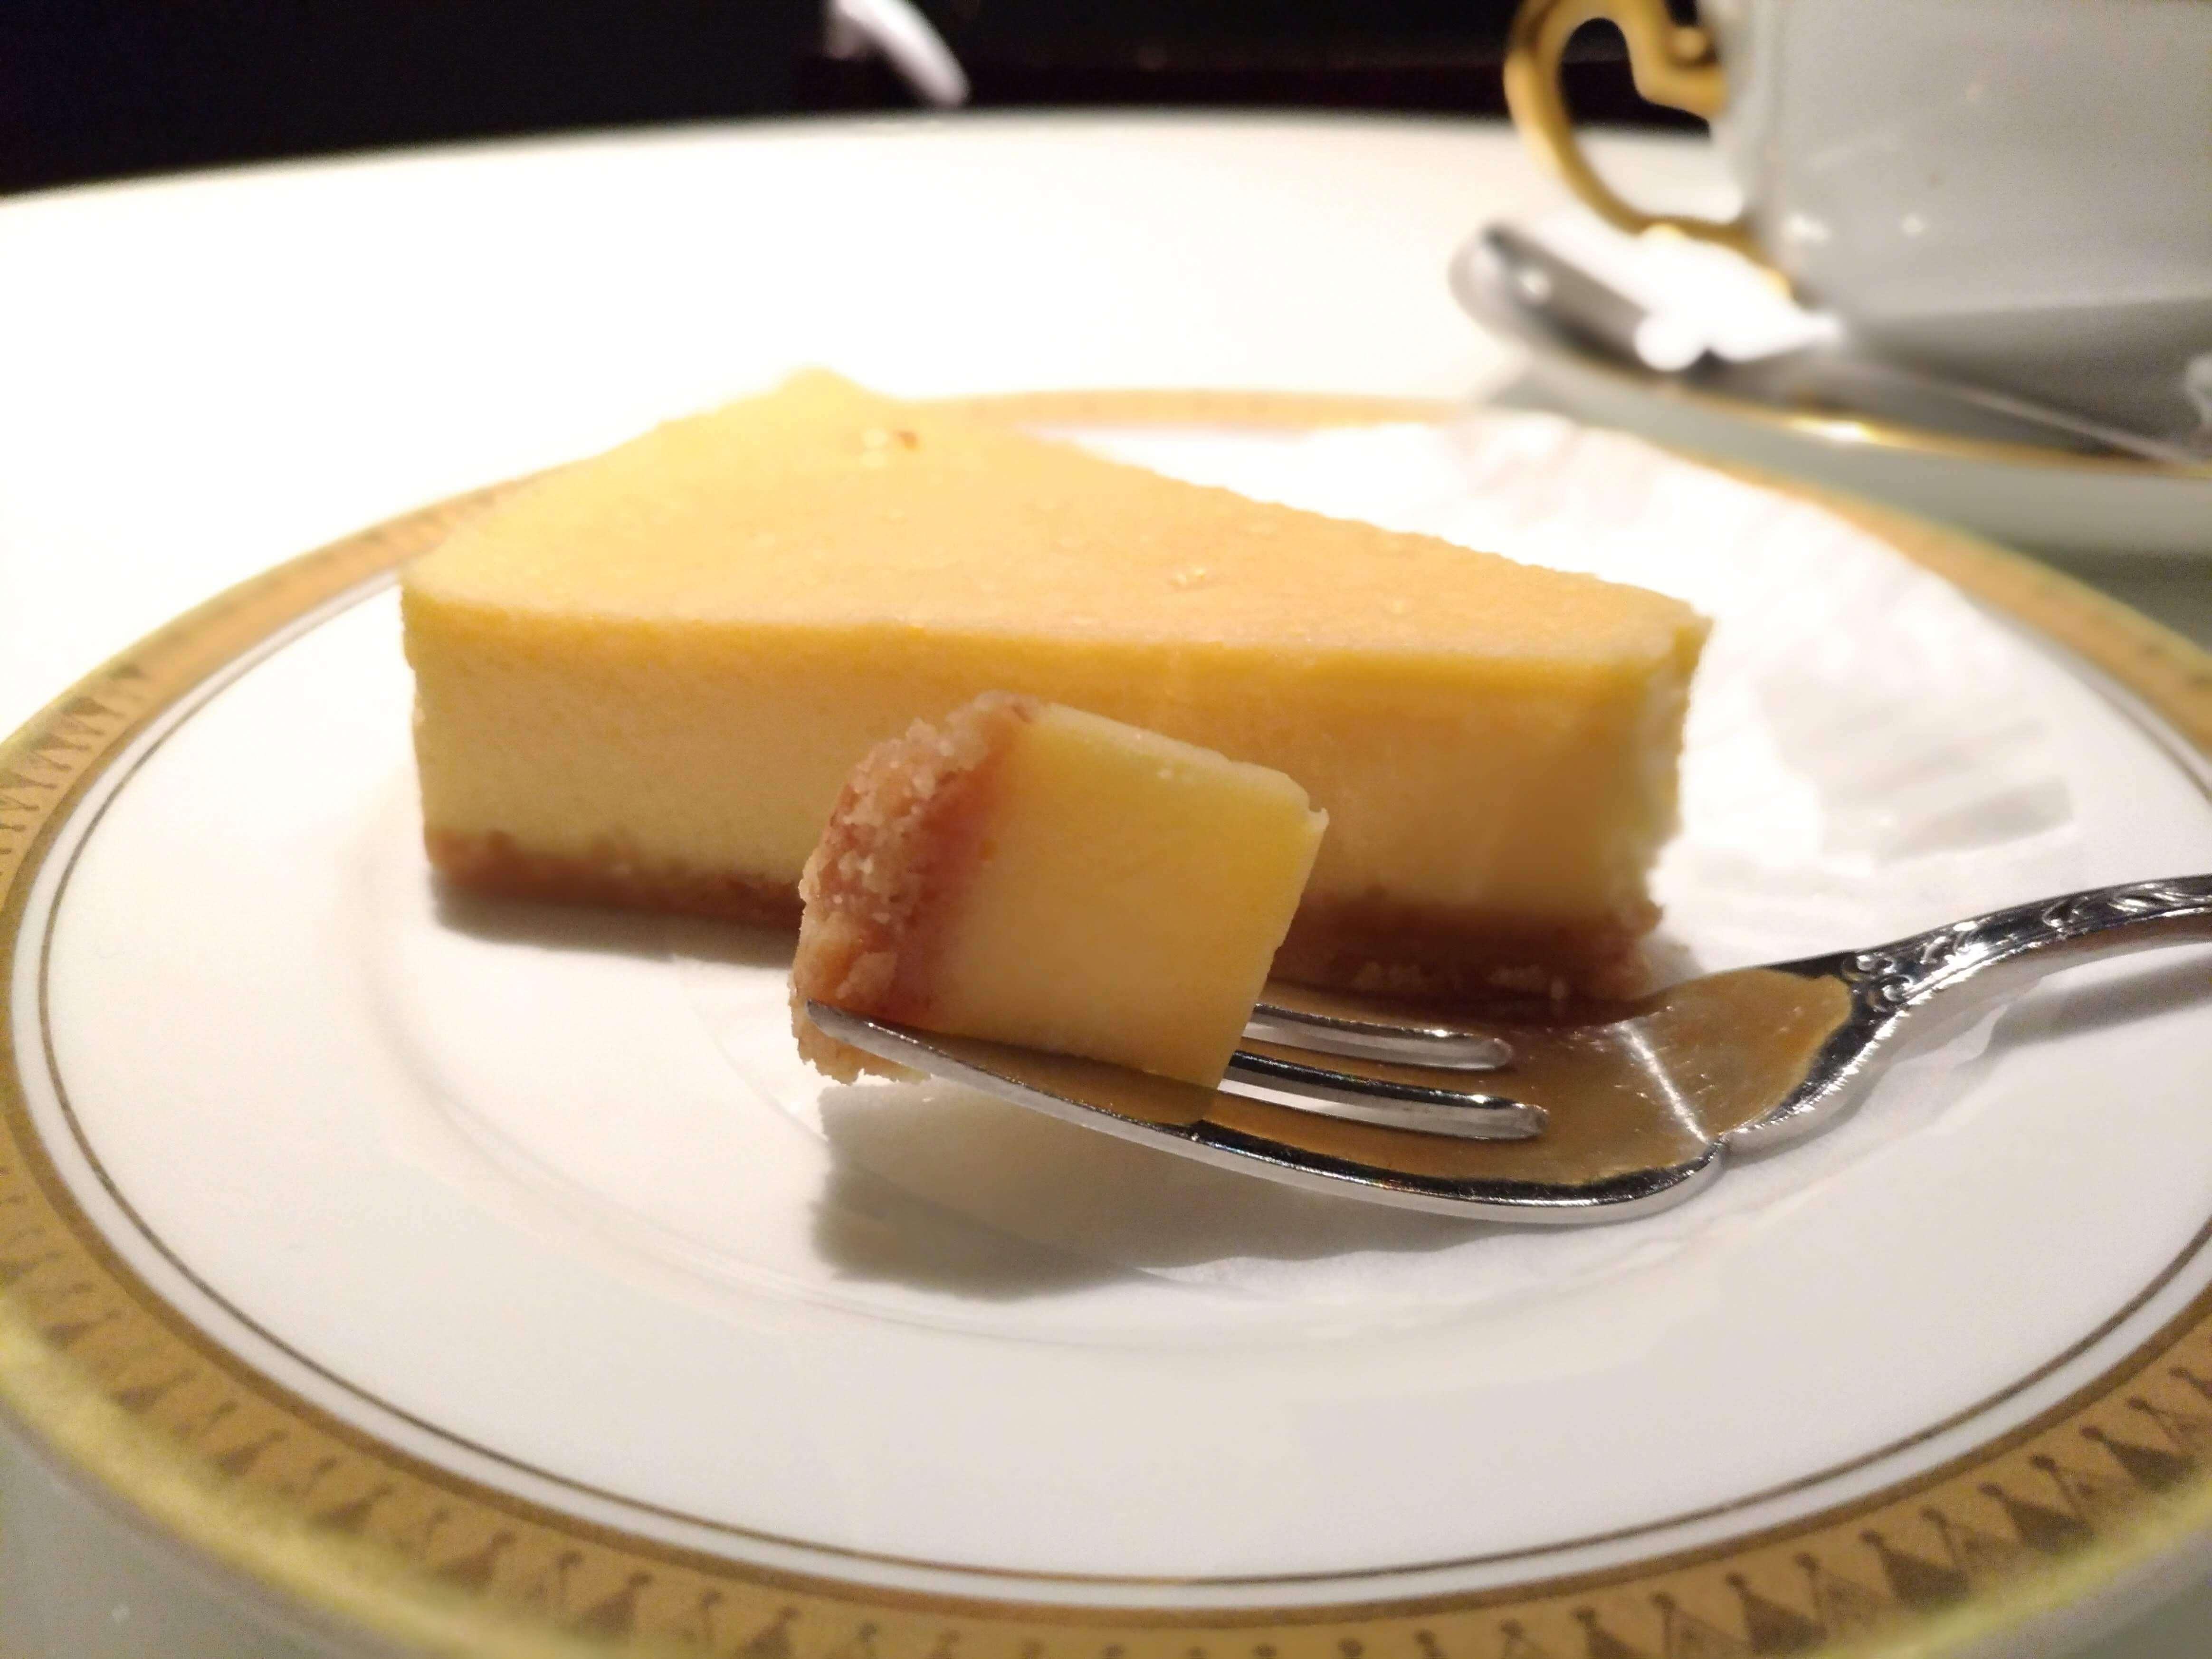 丸福珈琲店 NYチーズケーキ (1)